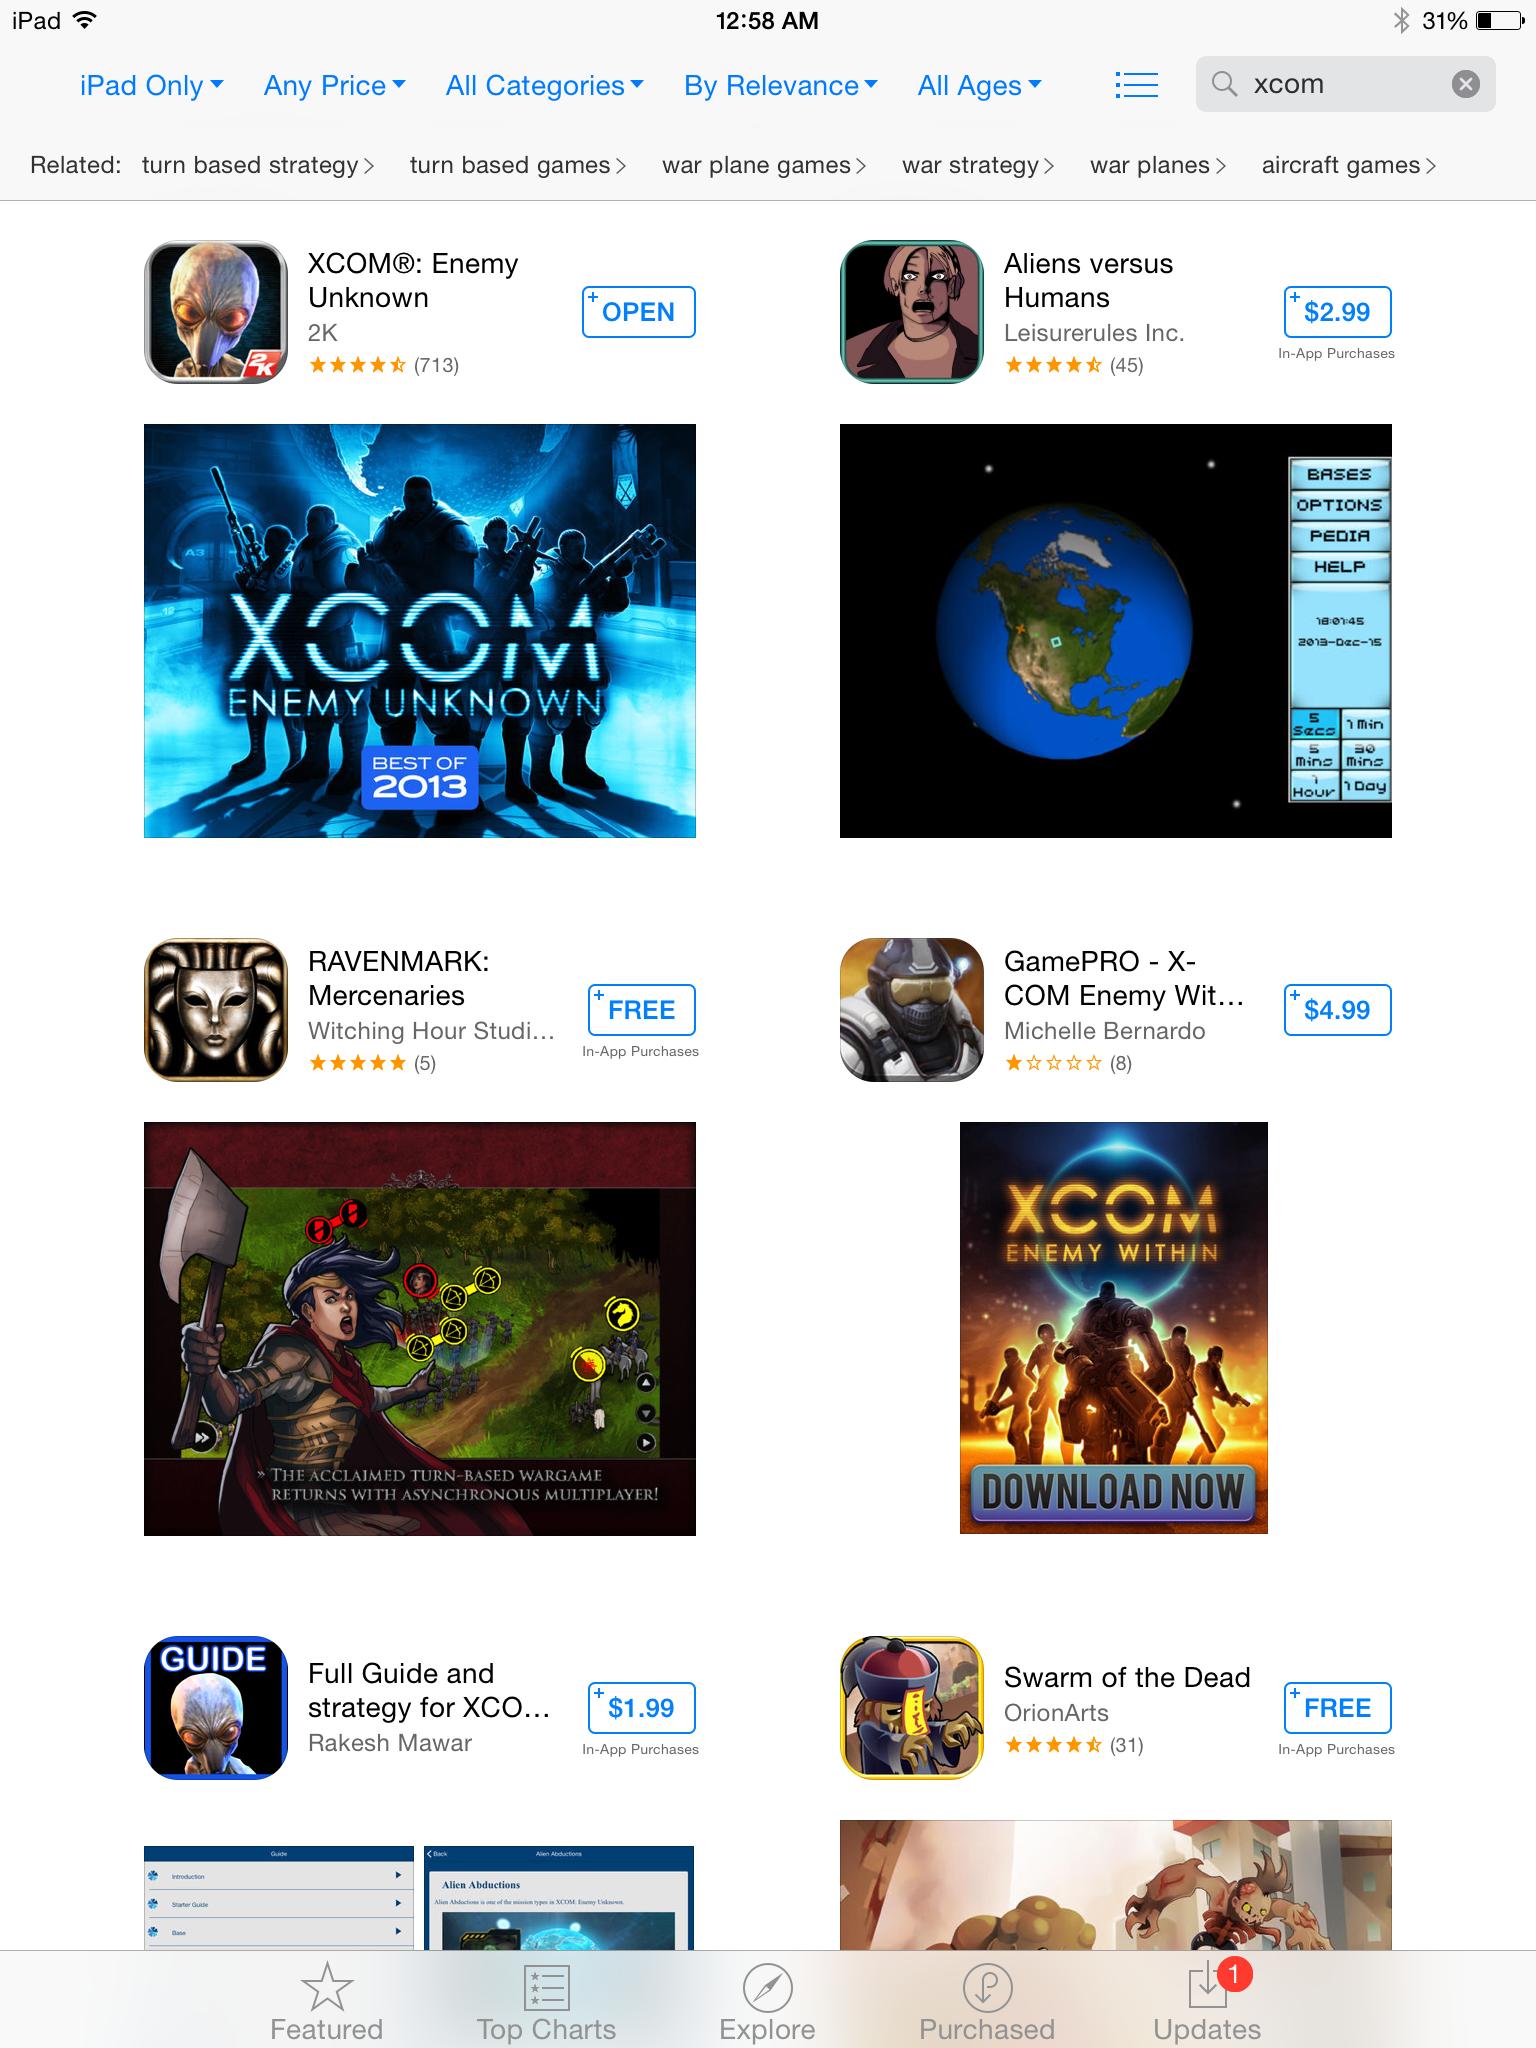 XCOM in the App Store